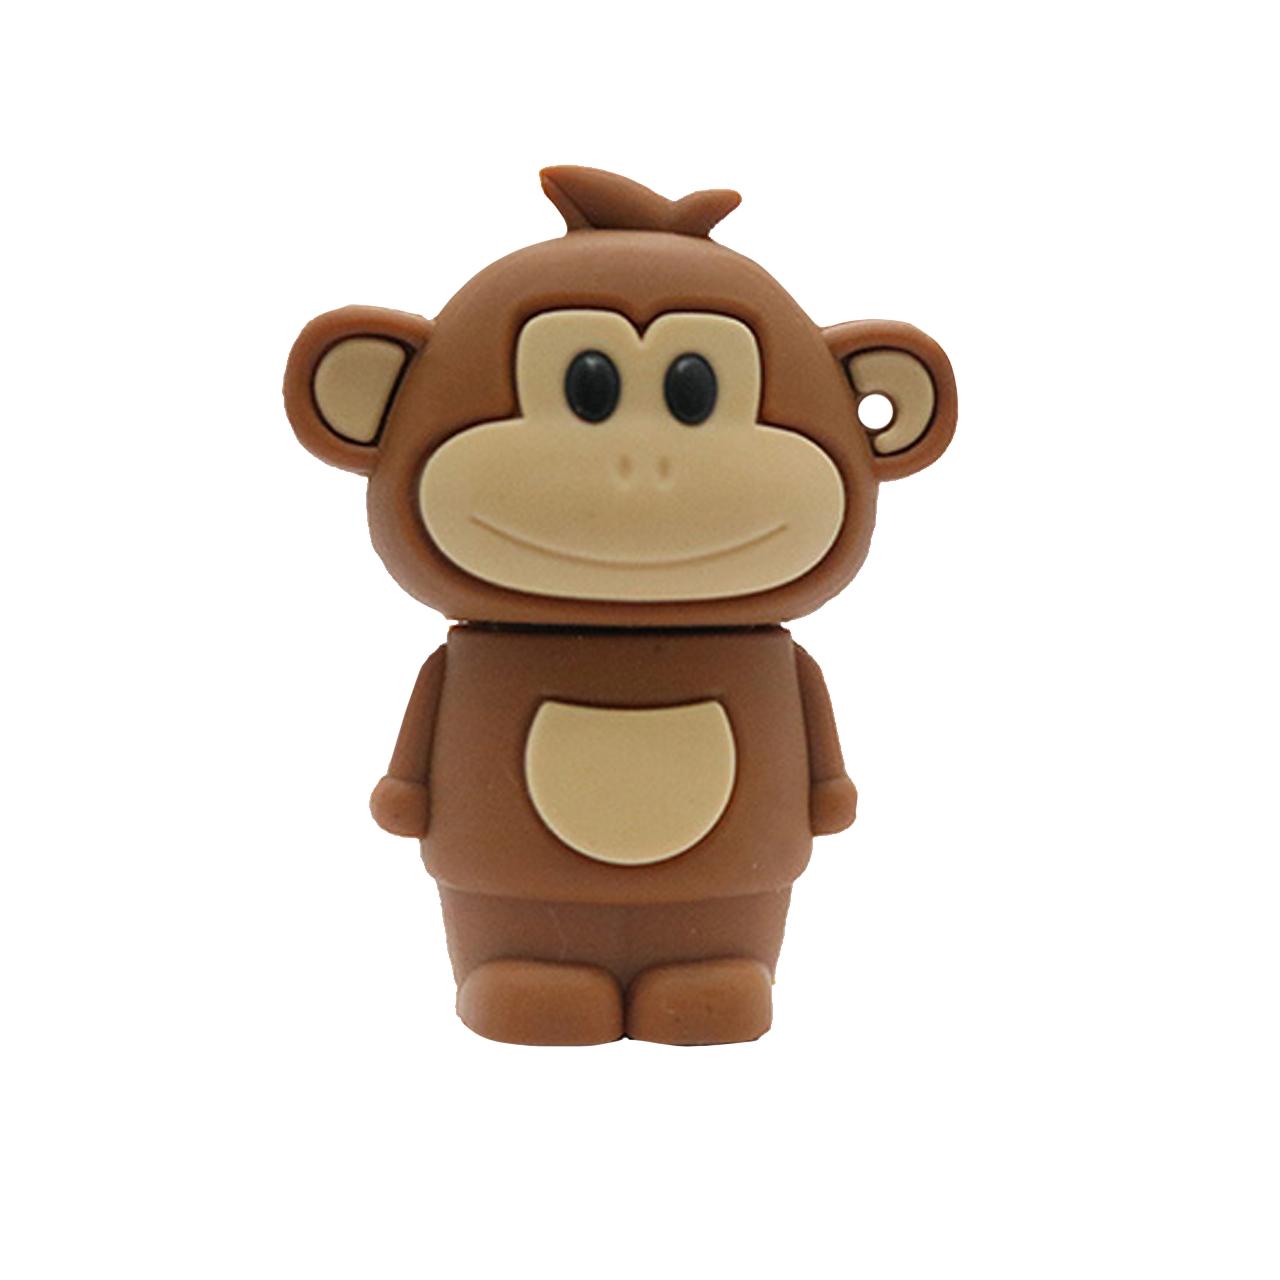 بررسی و {خرید با تخفیف} فلش مموری طرح Monkey مدل DAA1208 ظرفیت 64 گیگابایت اصل